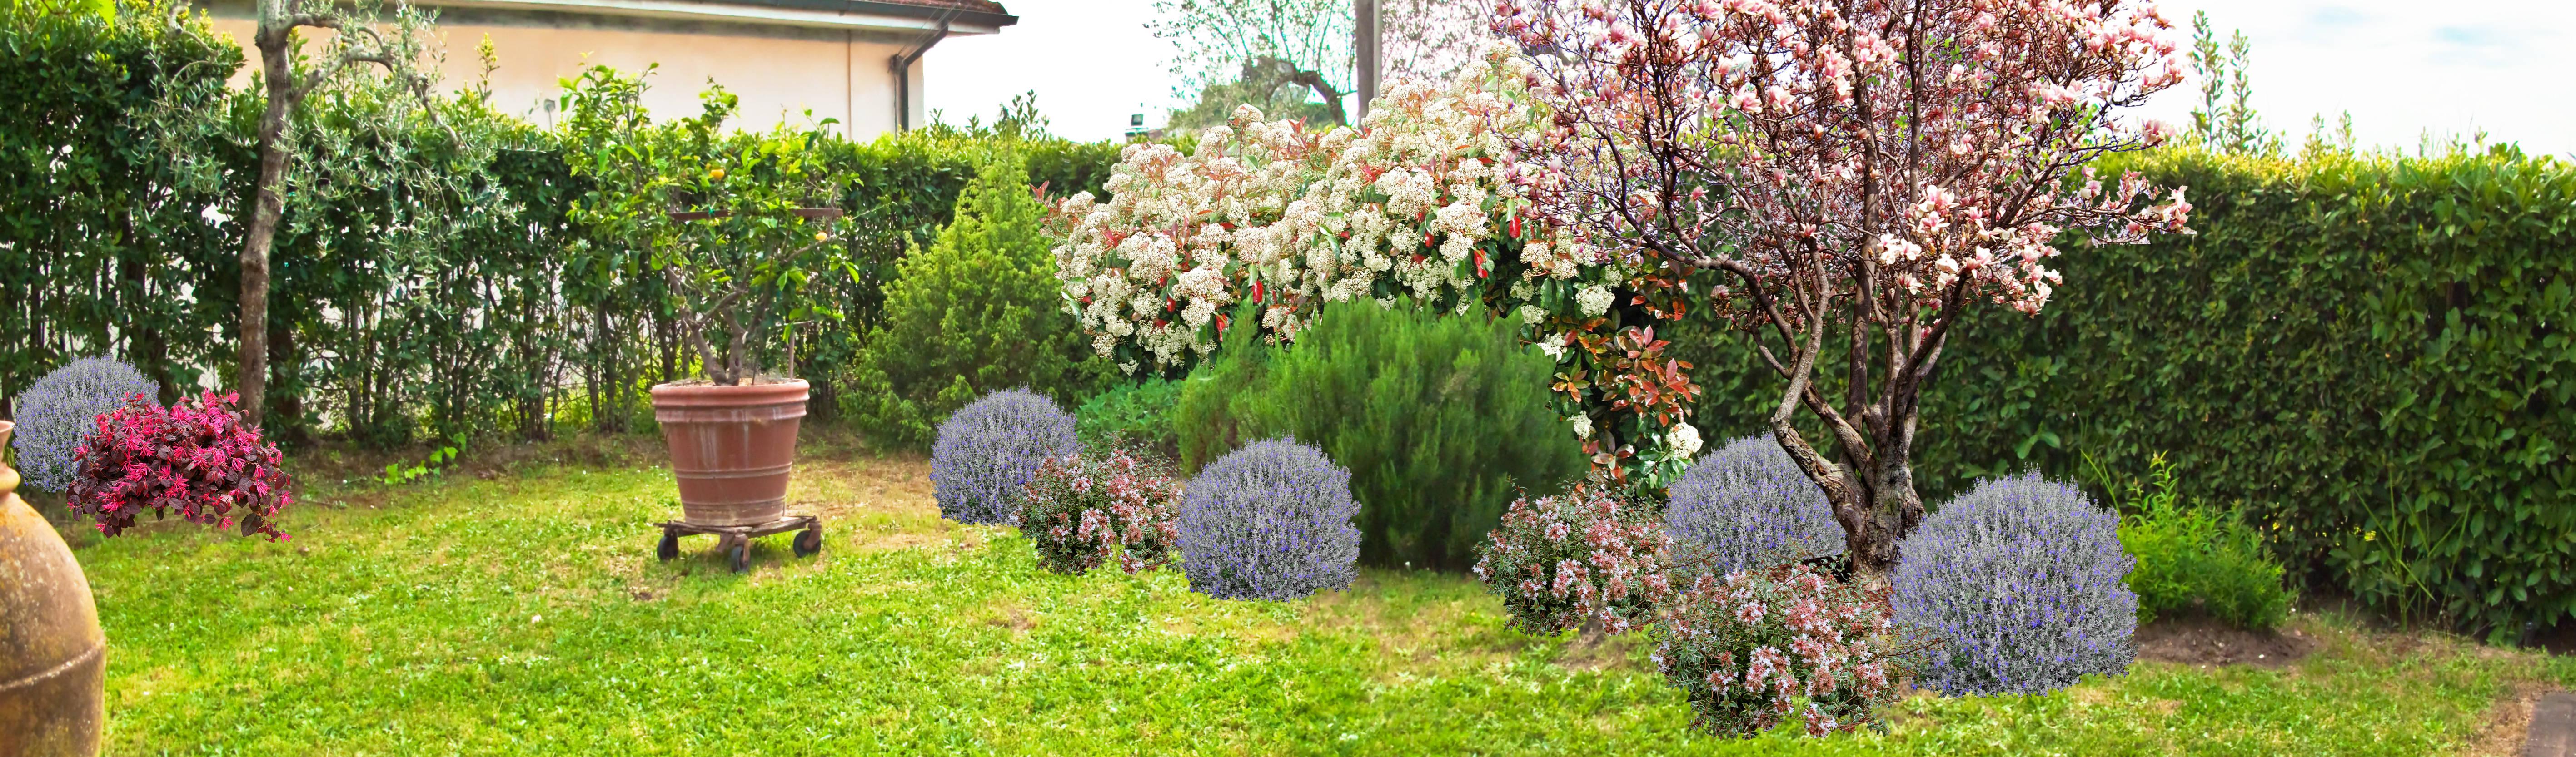 Architetto Di Giardini giardino di campagna - casa ec di aplusp architettura e